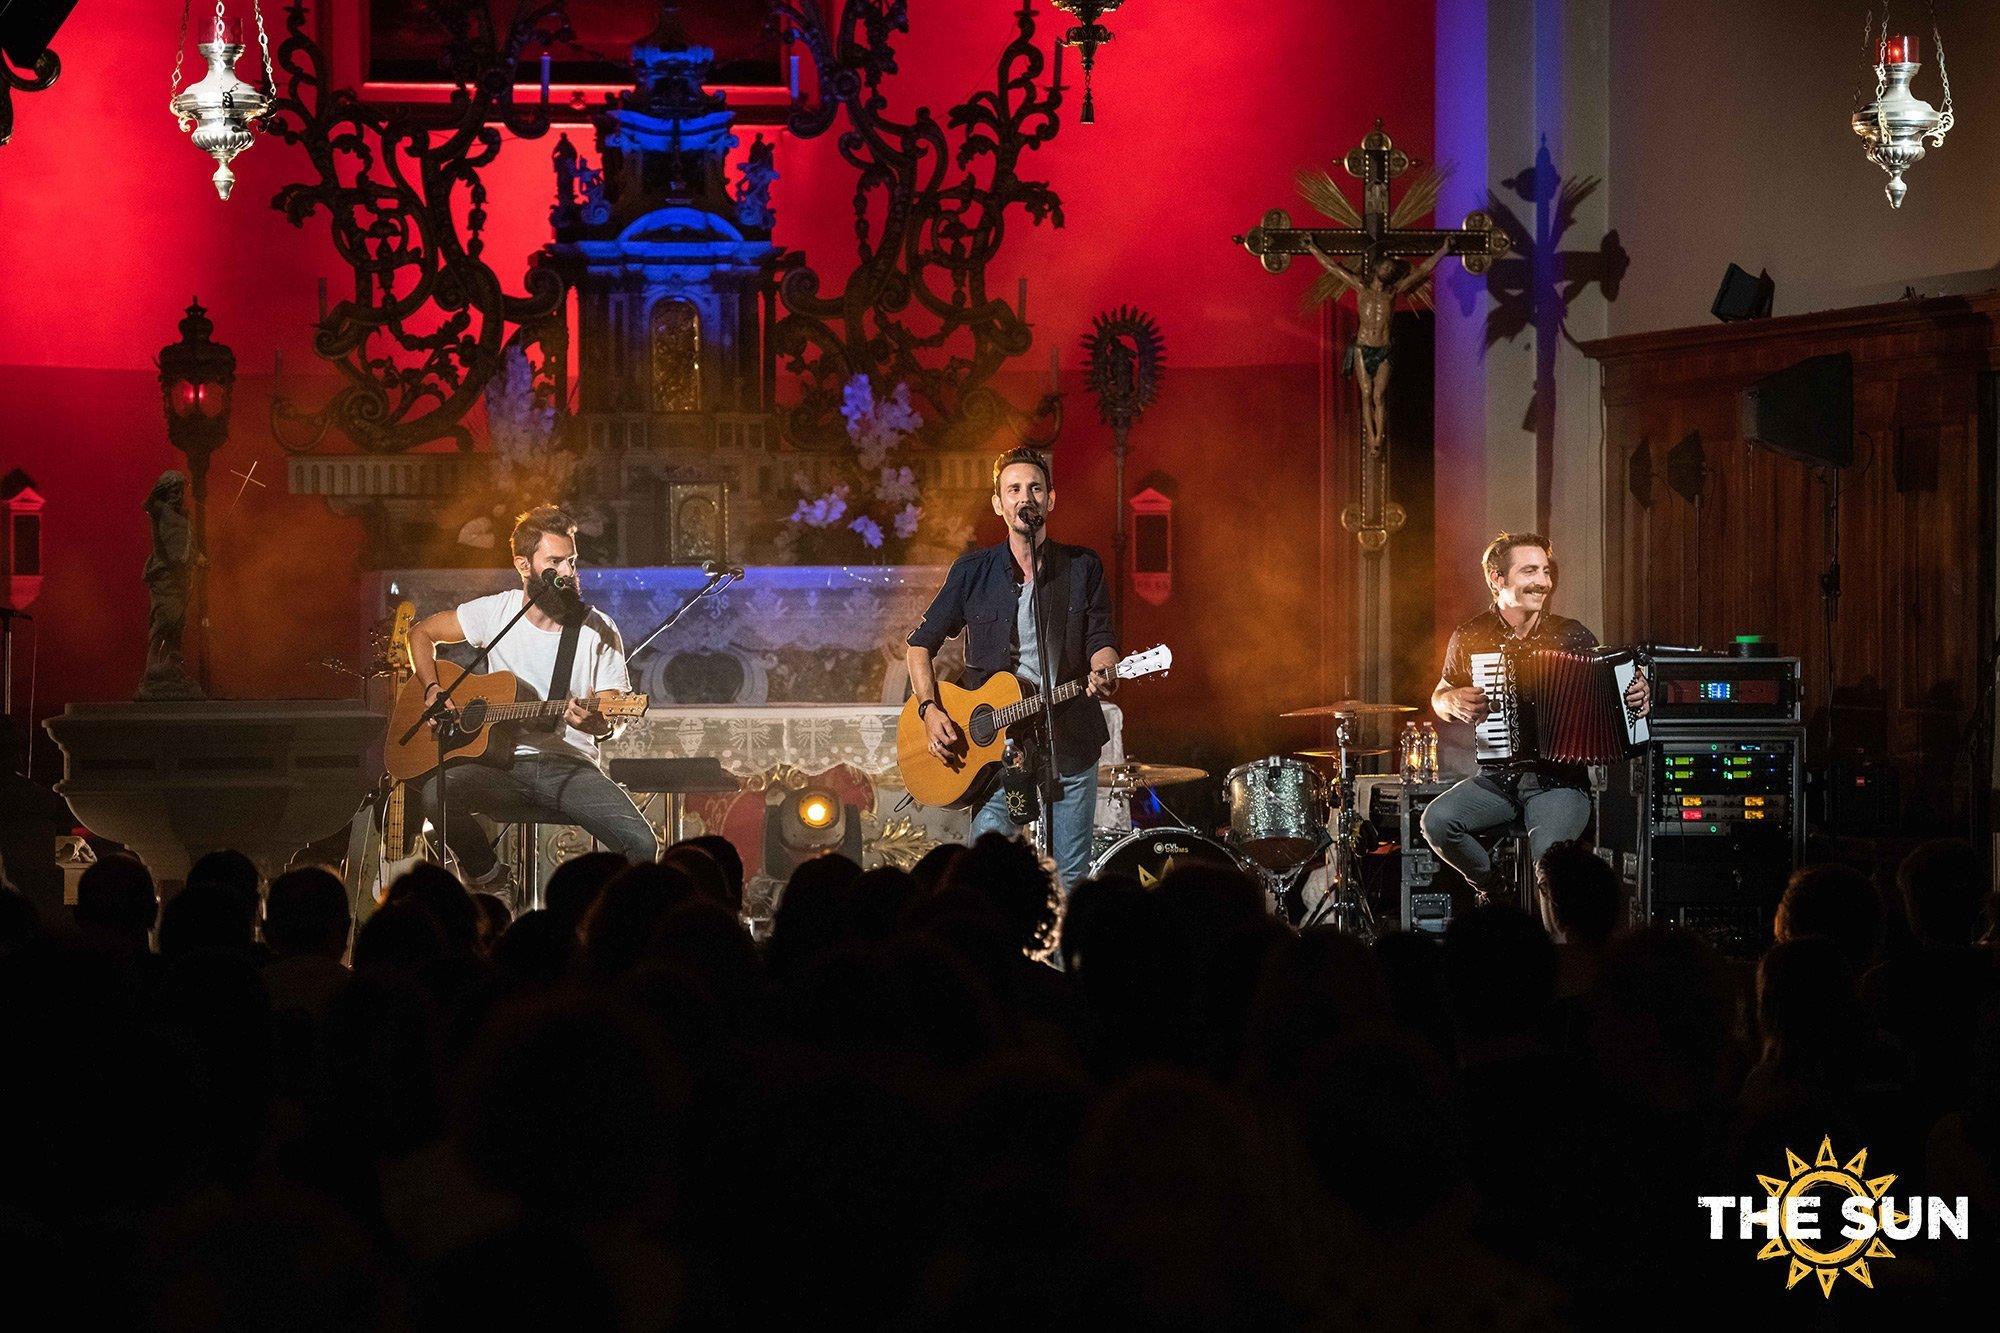 the sun rock band live longare dialogo